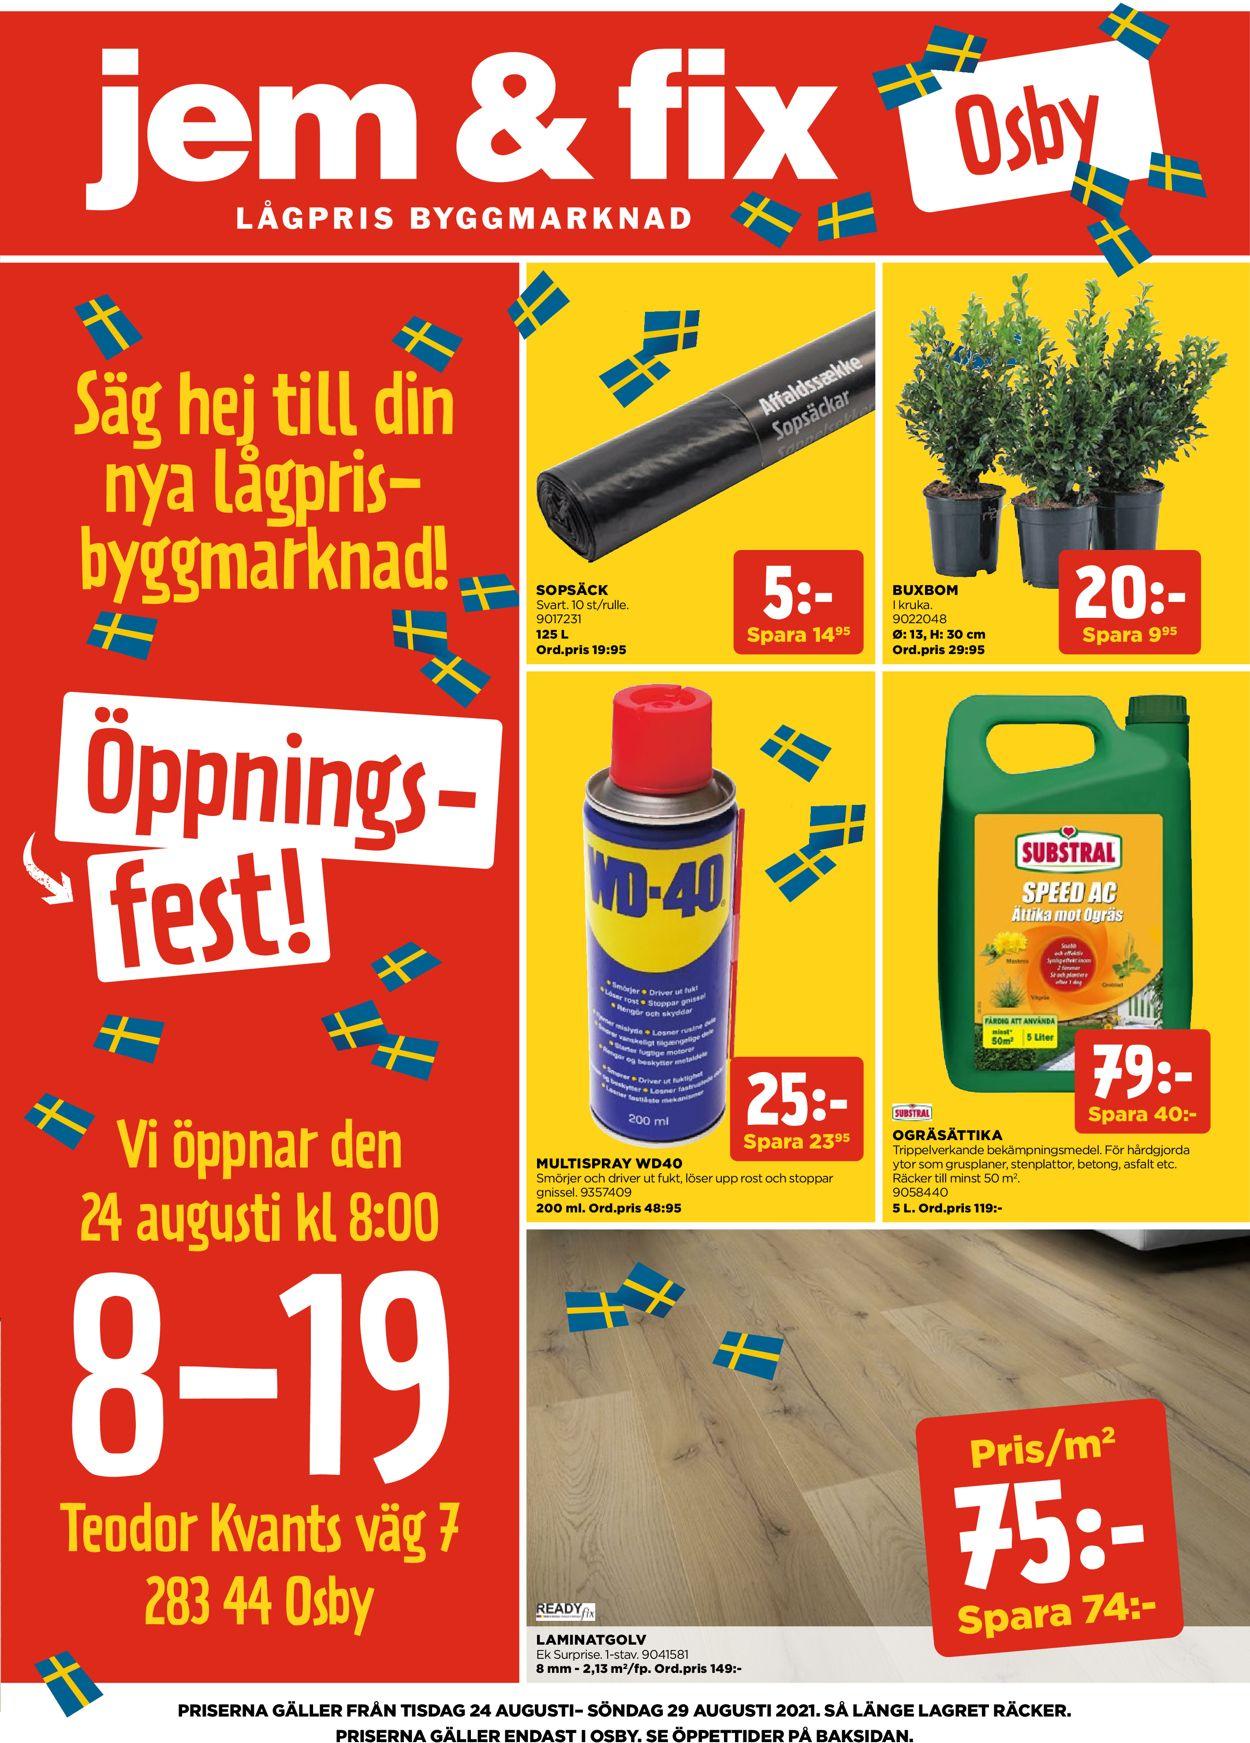 Reklamblad Jem & Fix från 24/08-2021